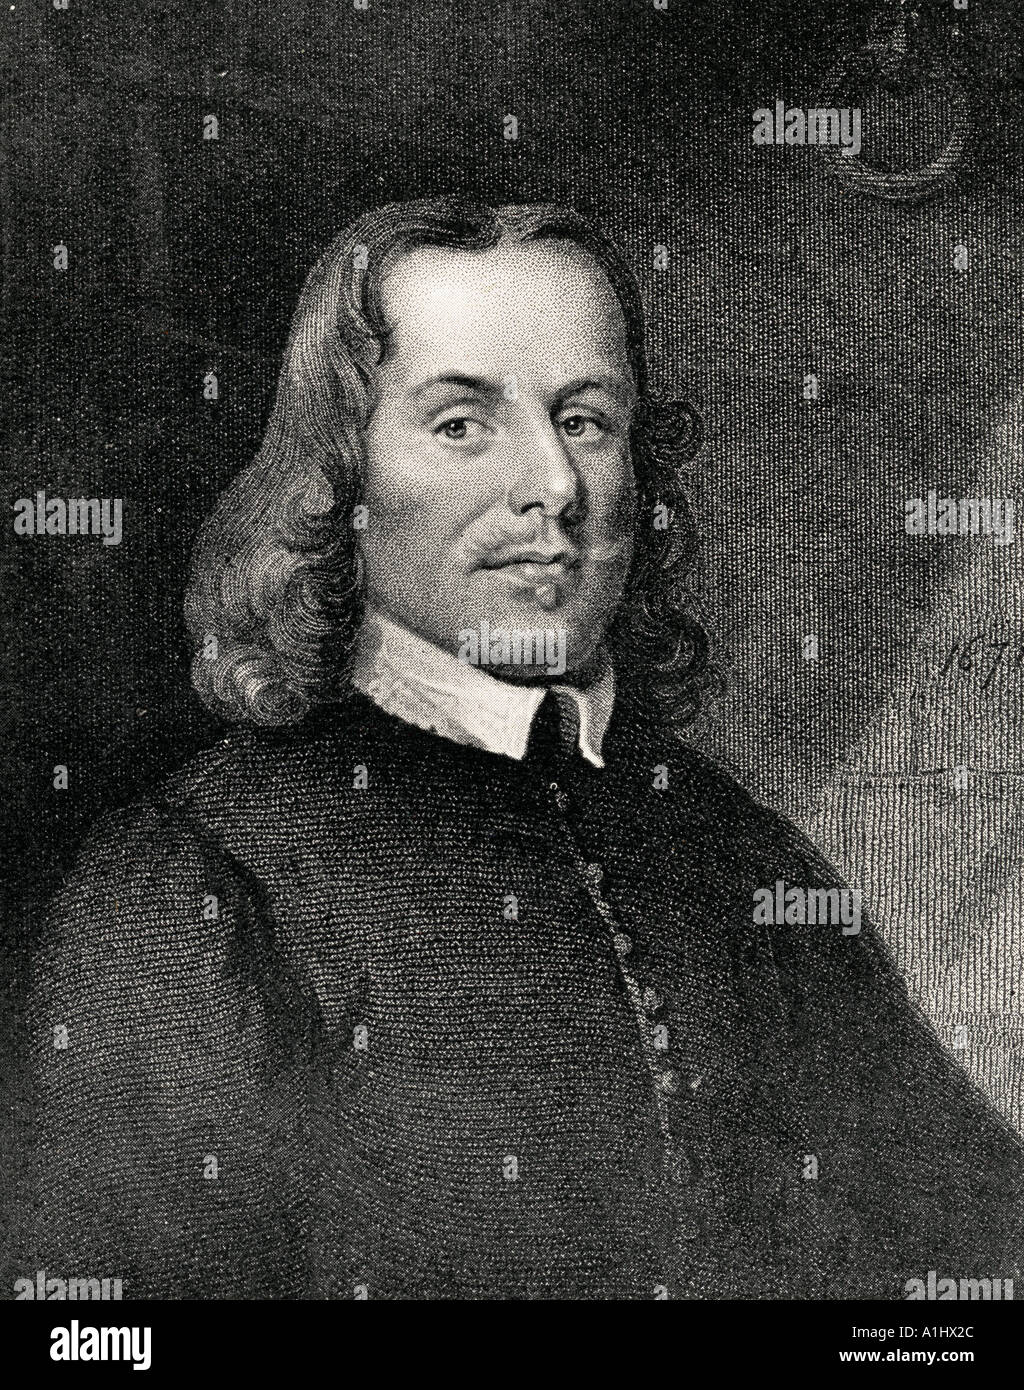 John Bunyan, 1628 - 1688.  English author of The Pilgrim's Progress, and Puritan preacher. Stock Photo